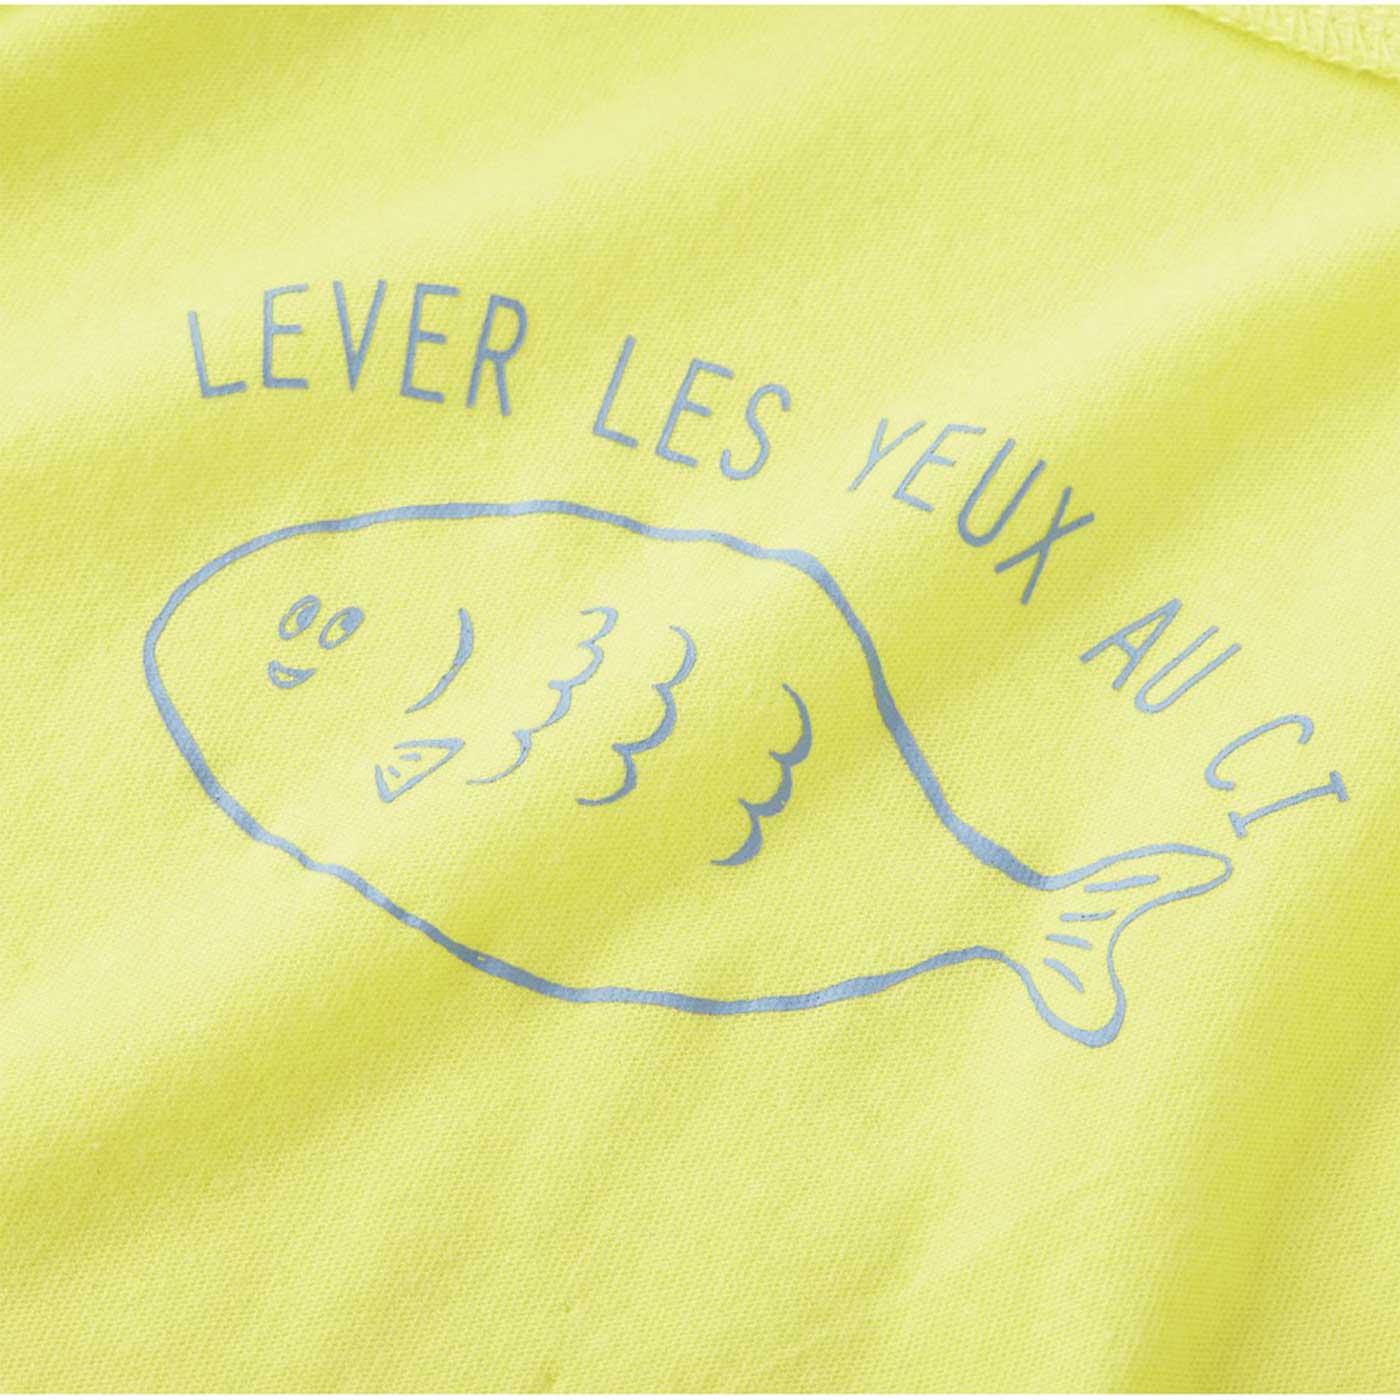 首もとには脱ぎ着が楽しくなる魚のイラスト。